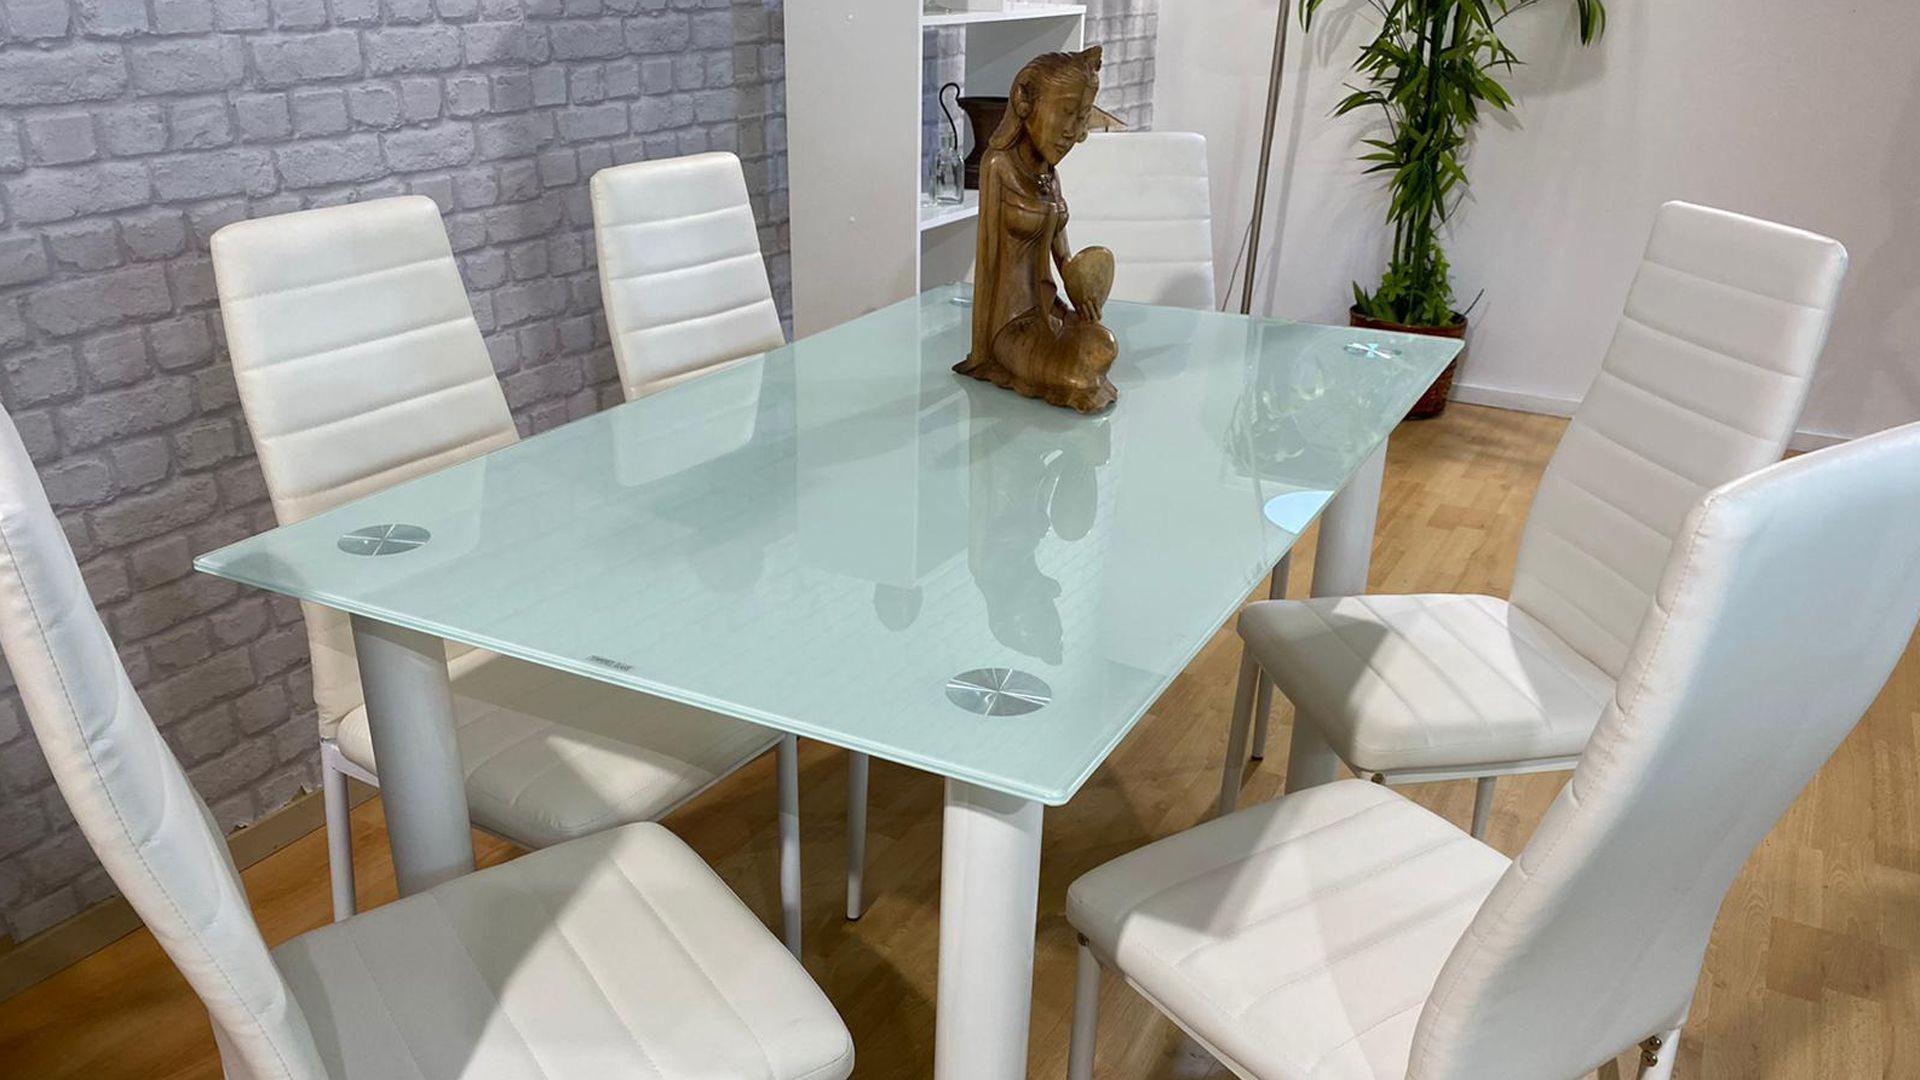 Venta de muebles nuevos Valencia